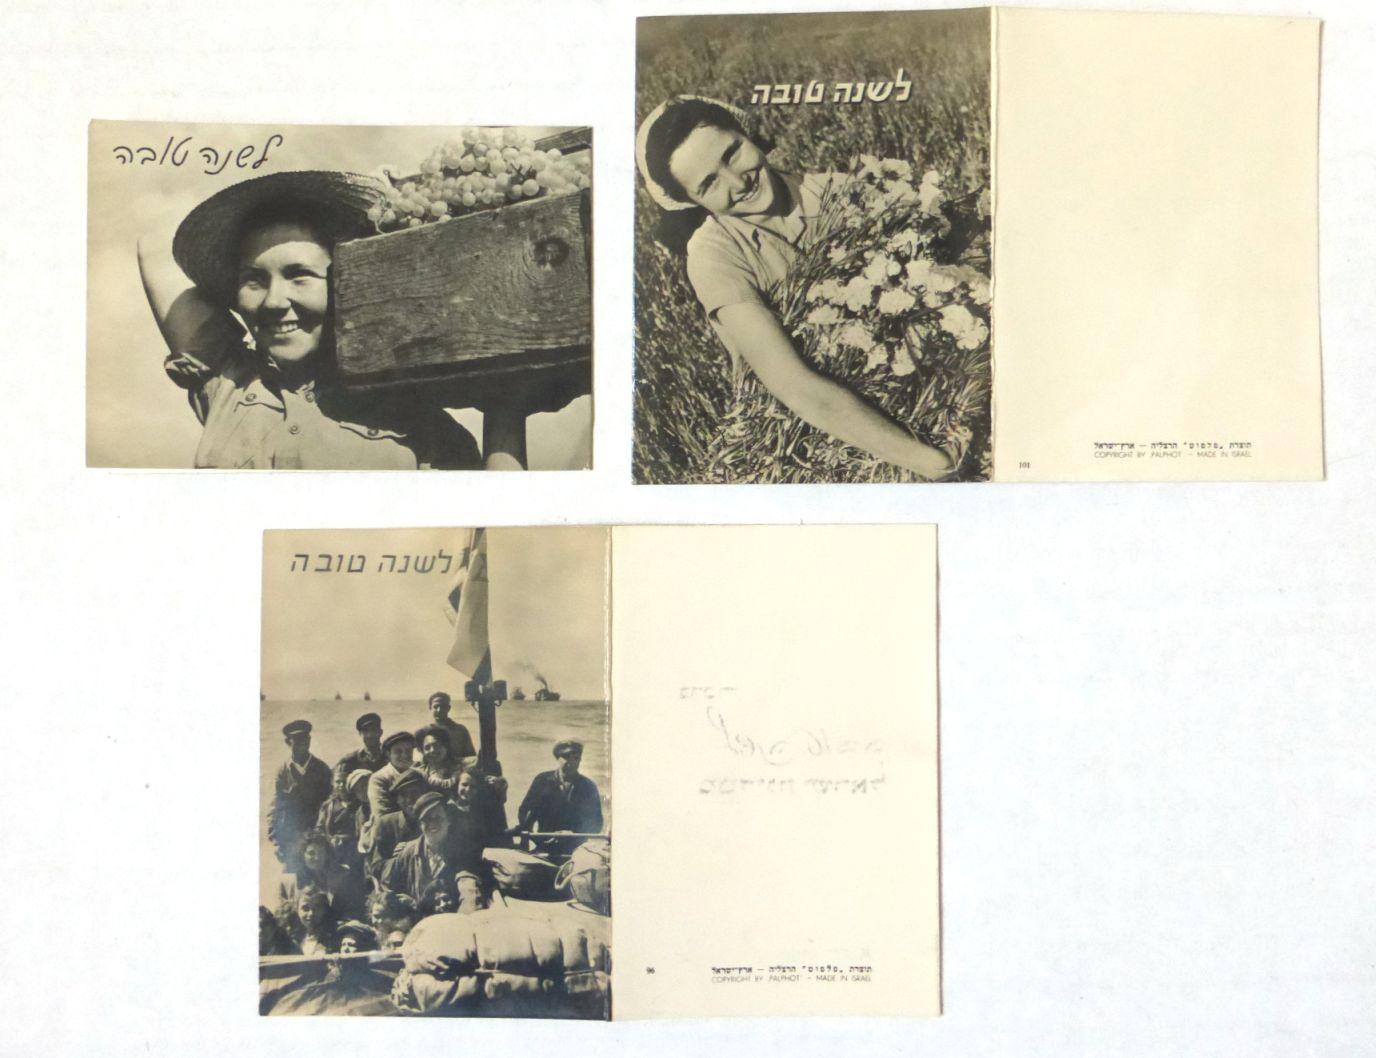 """שלוש """"שנות טובות"""", צילומי שחור-לבן הוצ' פל-פוט, סוף שנות ה-40"""